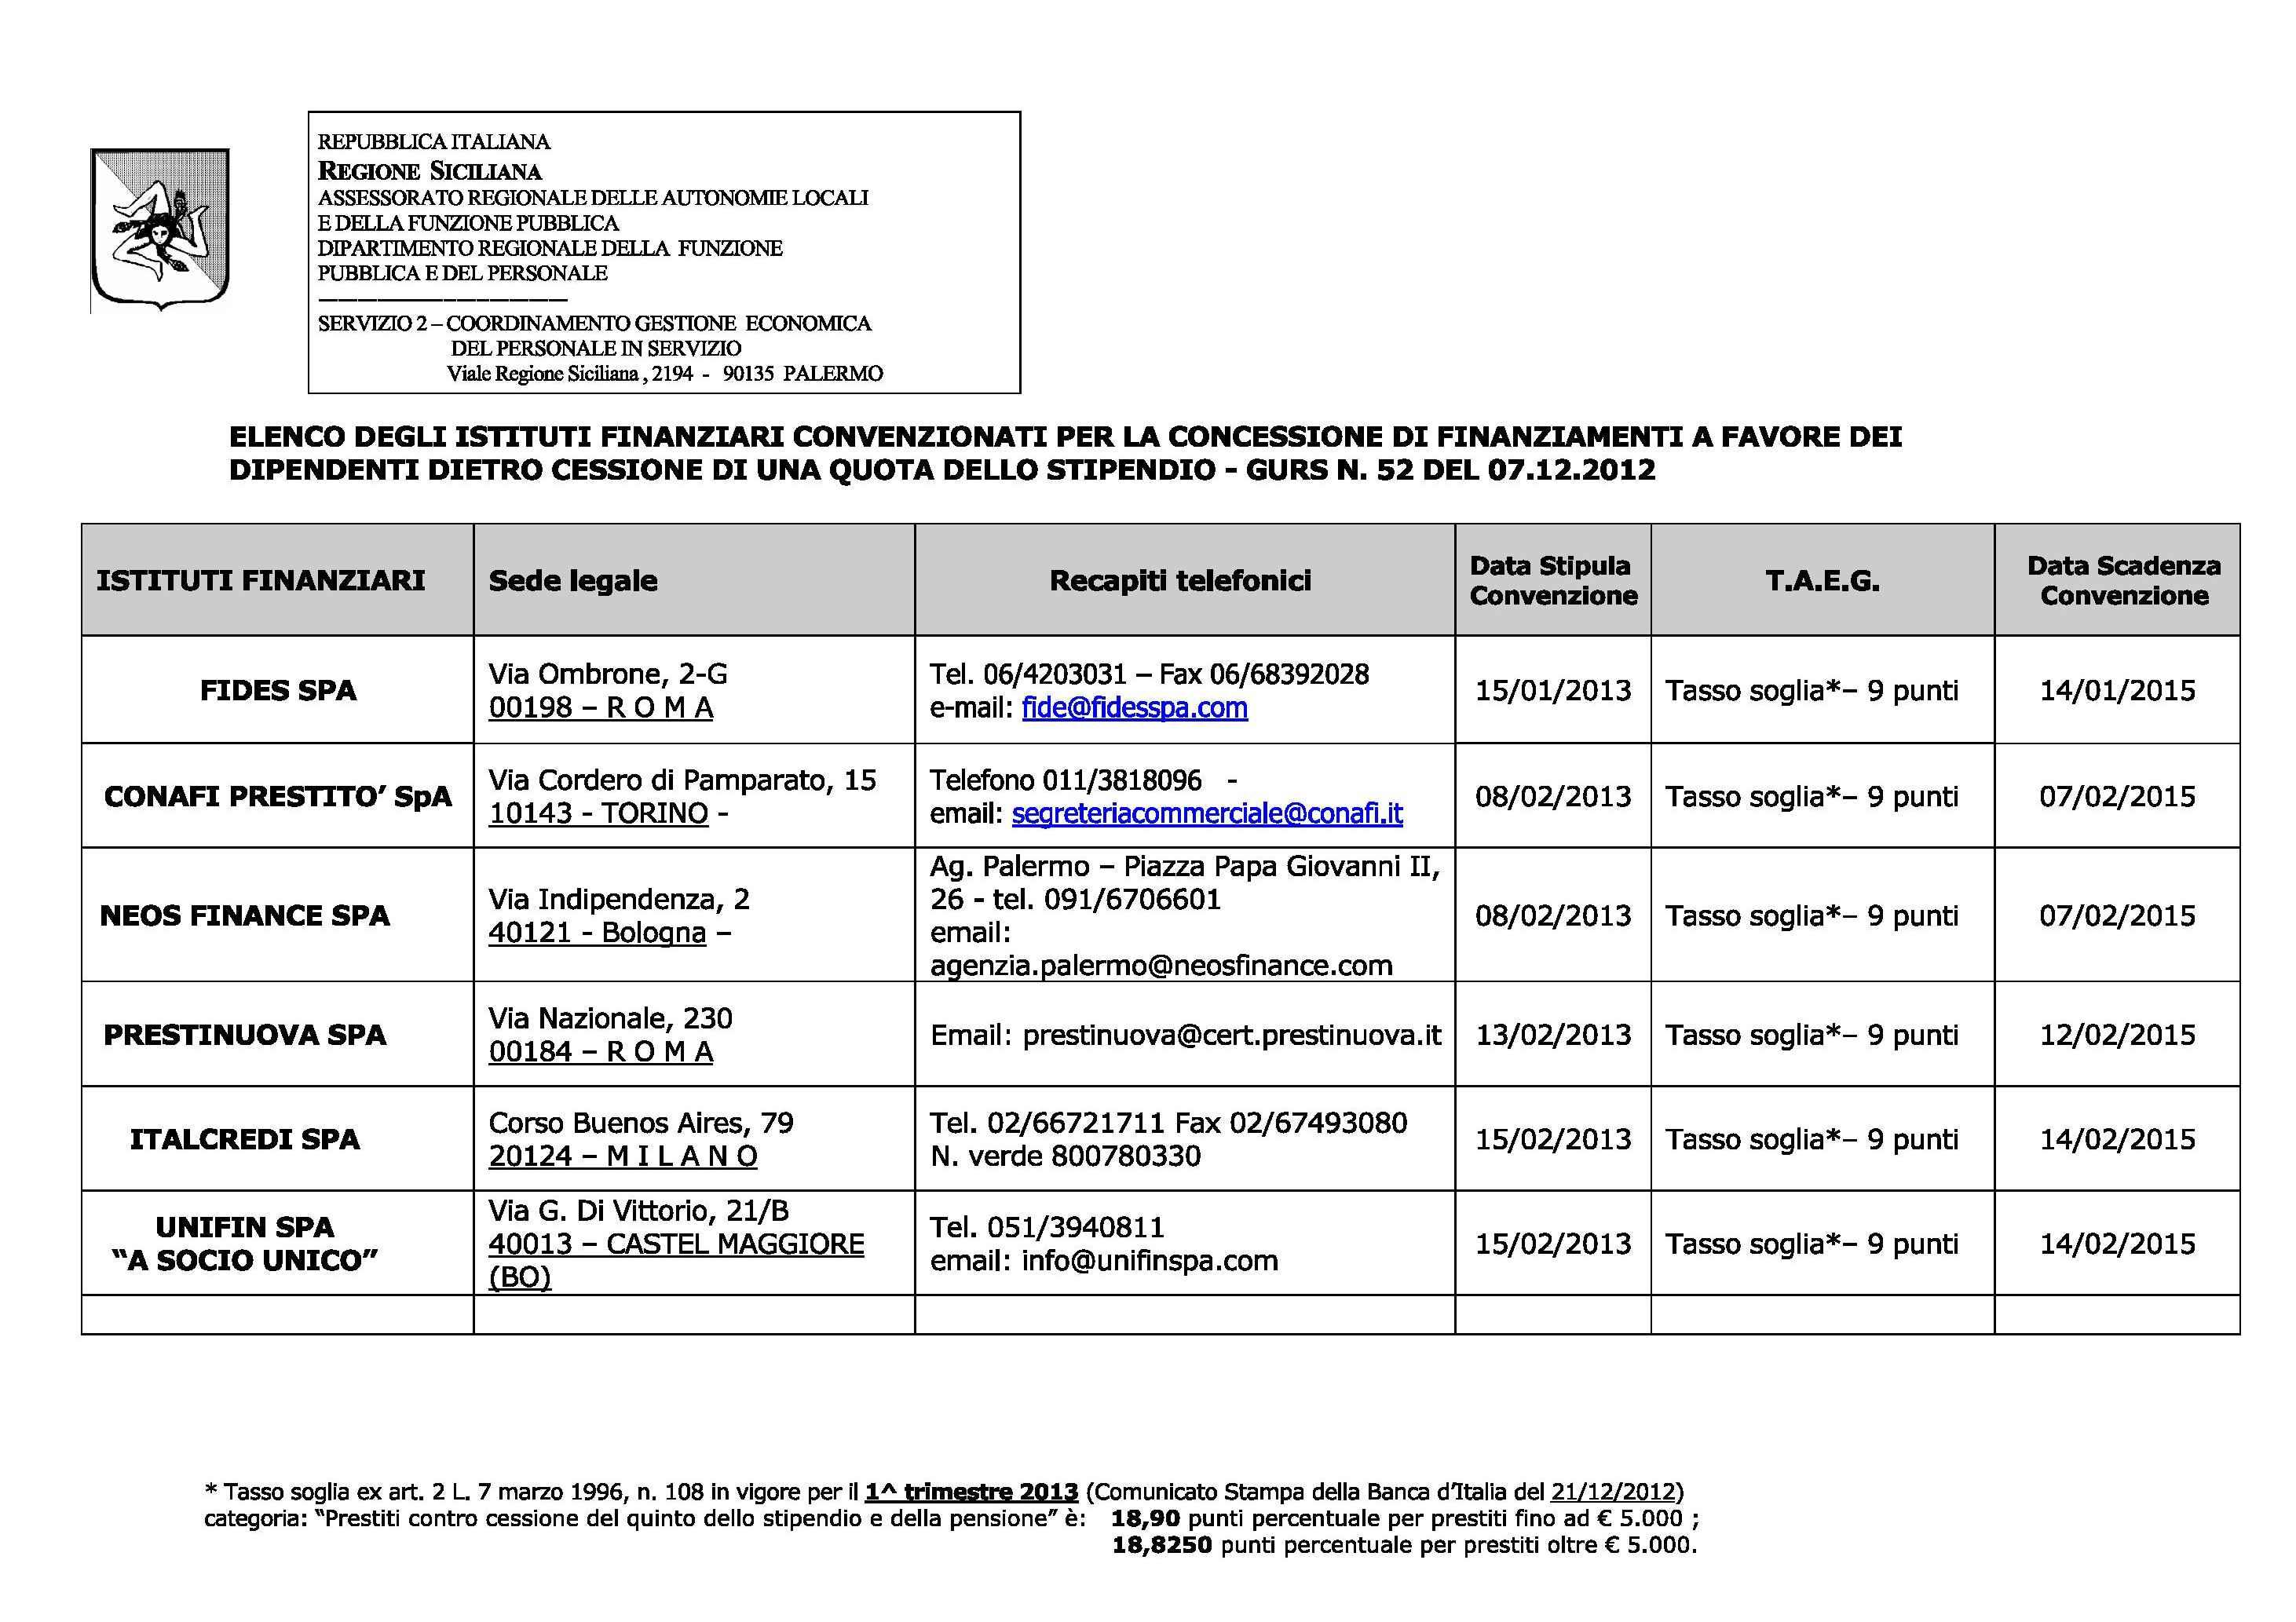 Concessione prestiti a dipendenti regionali istituti for Pti regione sicilia